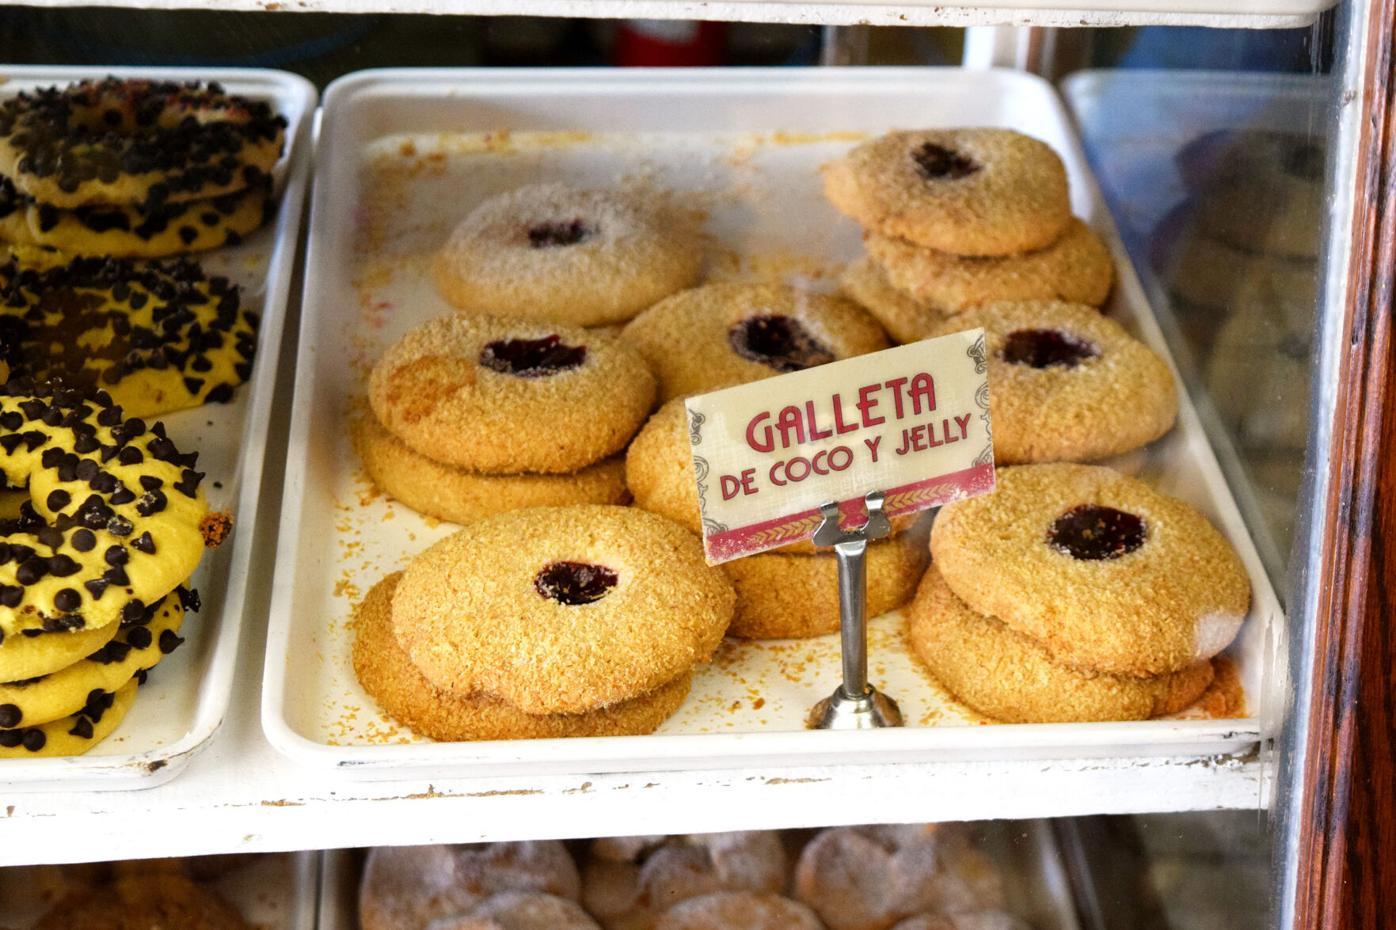 El Gallo Bakery Galletas Coco y Jelly.jpg